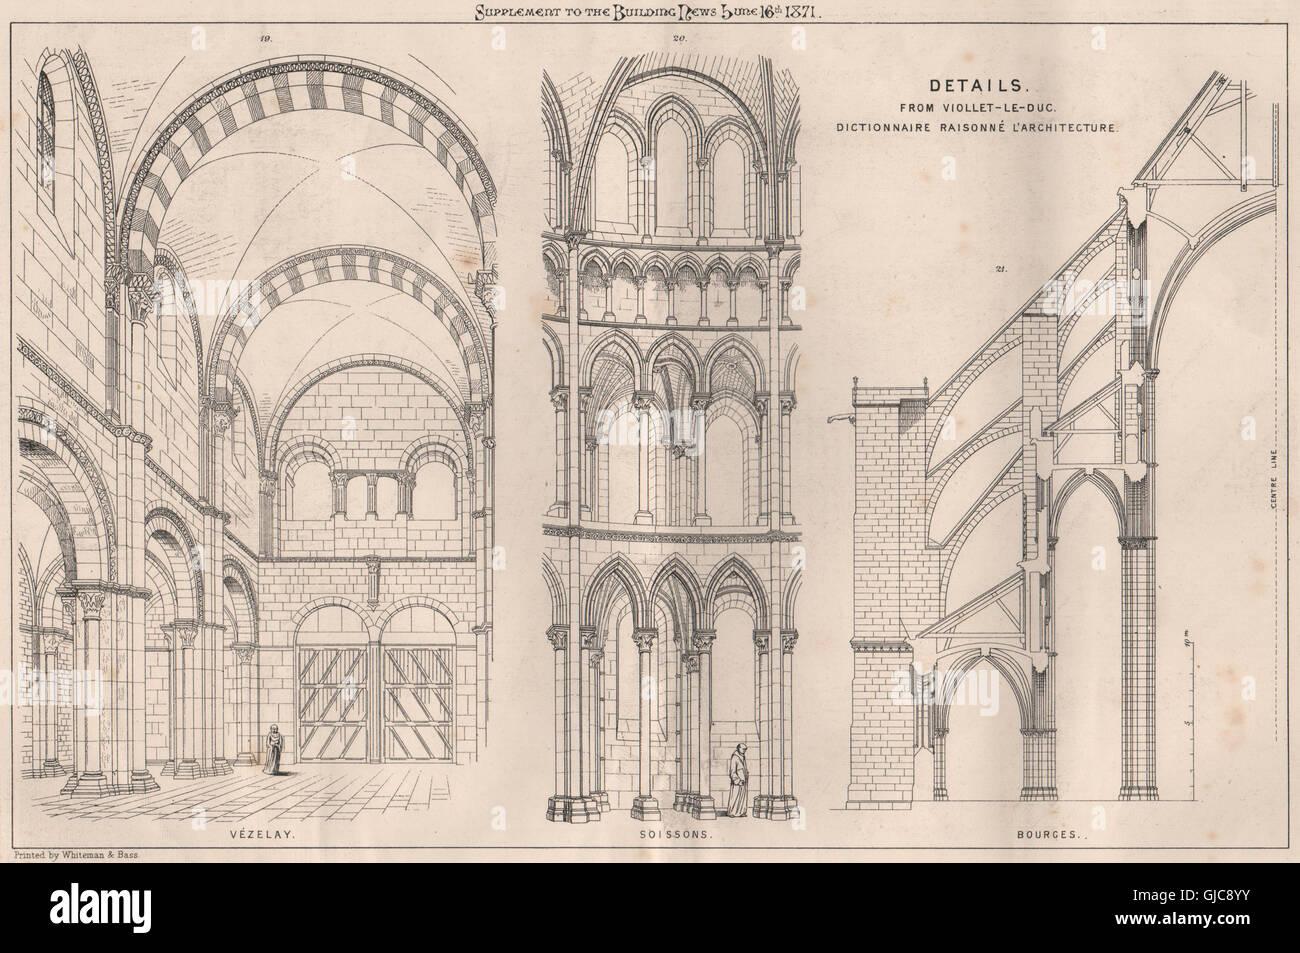 Details from viollet le duc dictionnaire raisonn l for Dictionnaire architecture